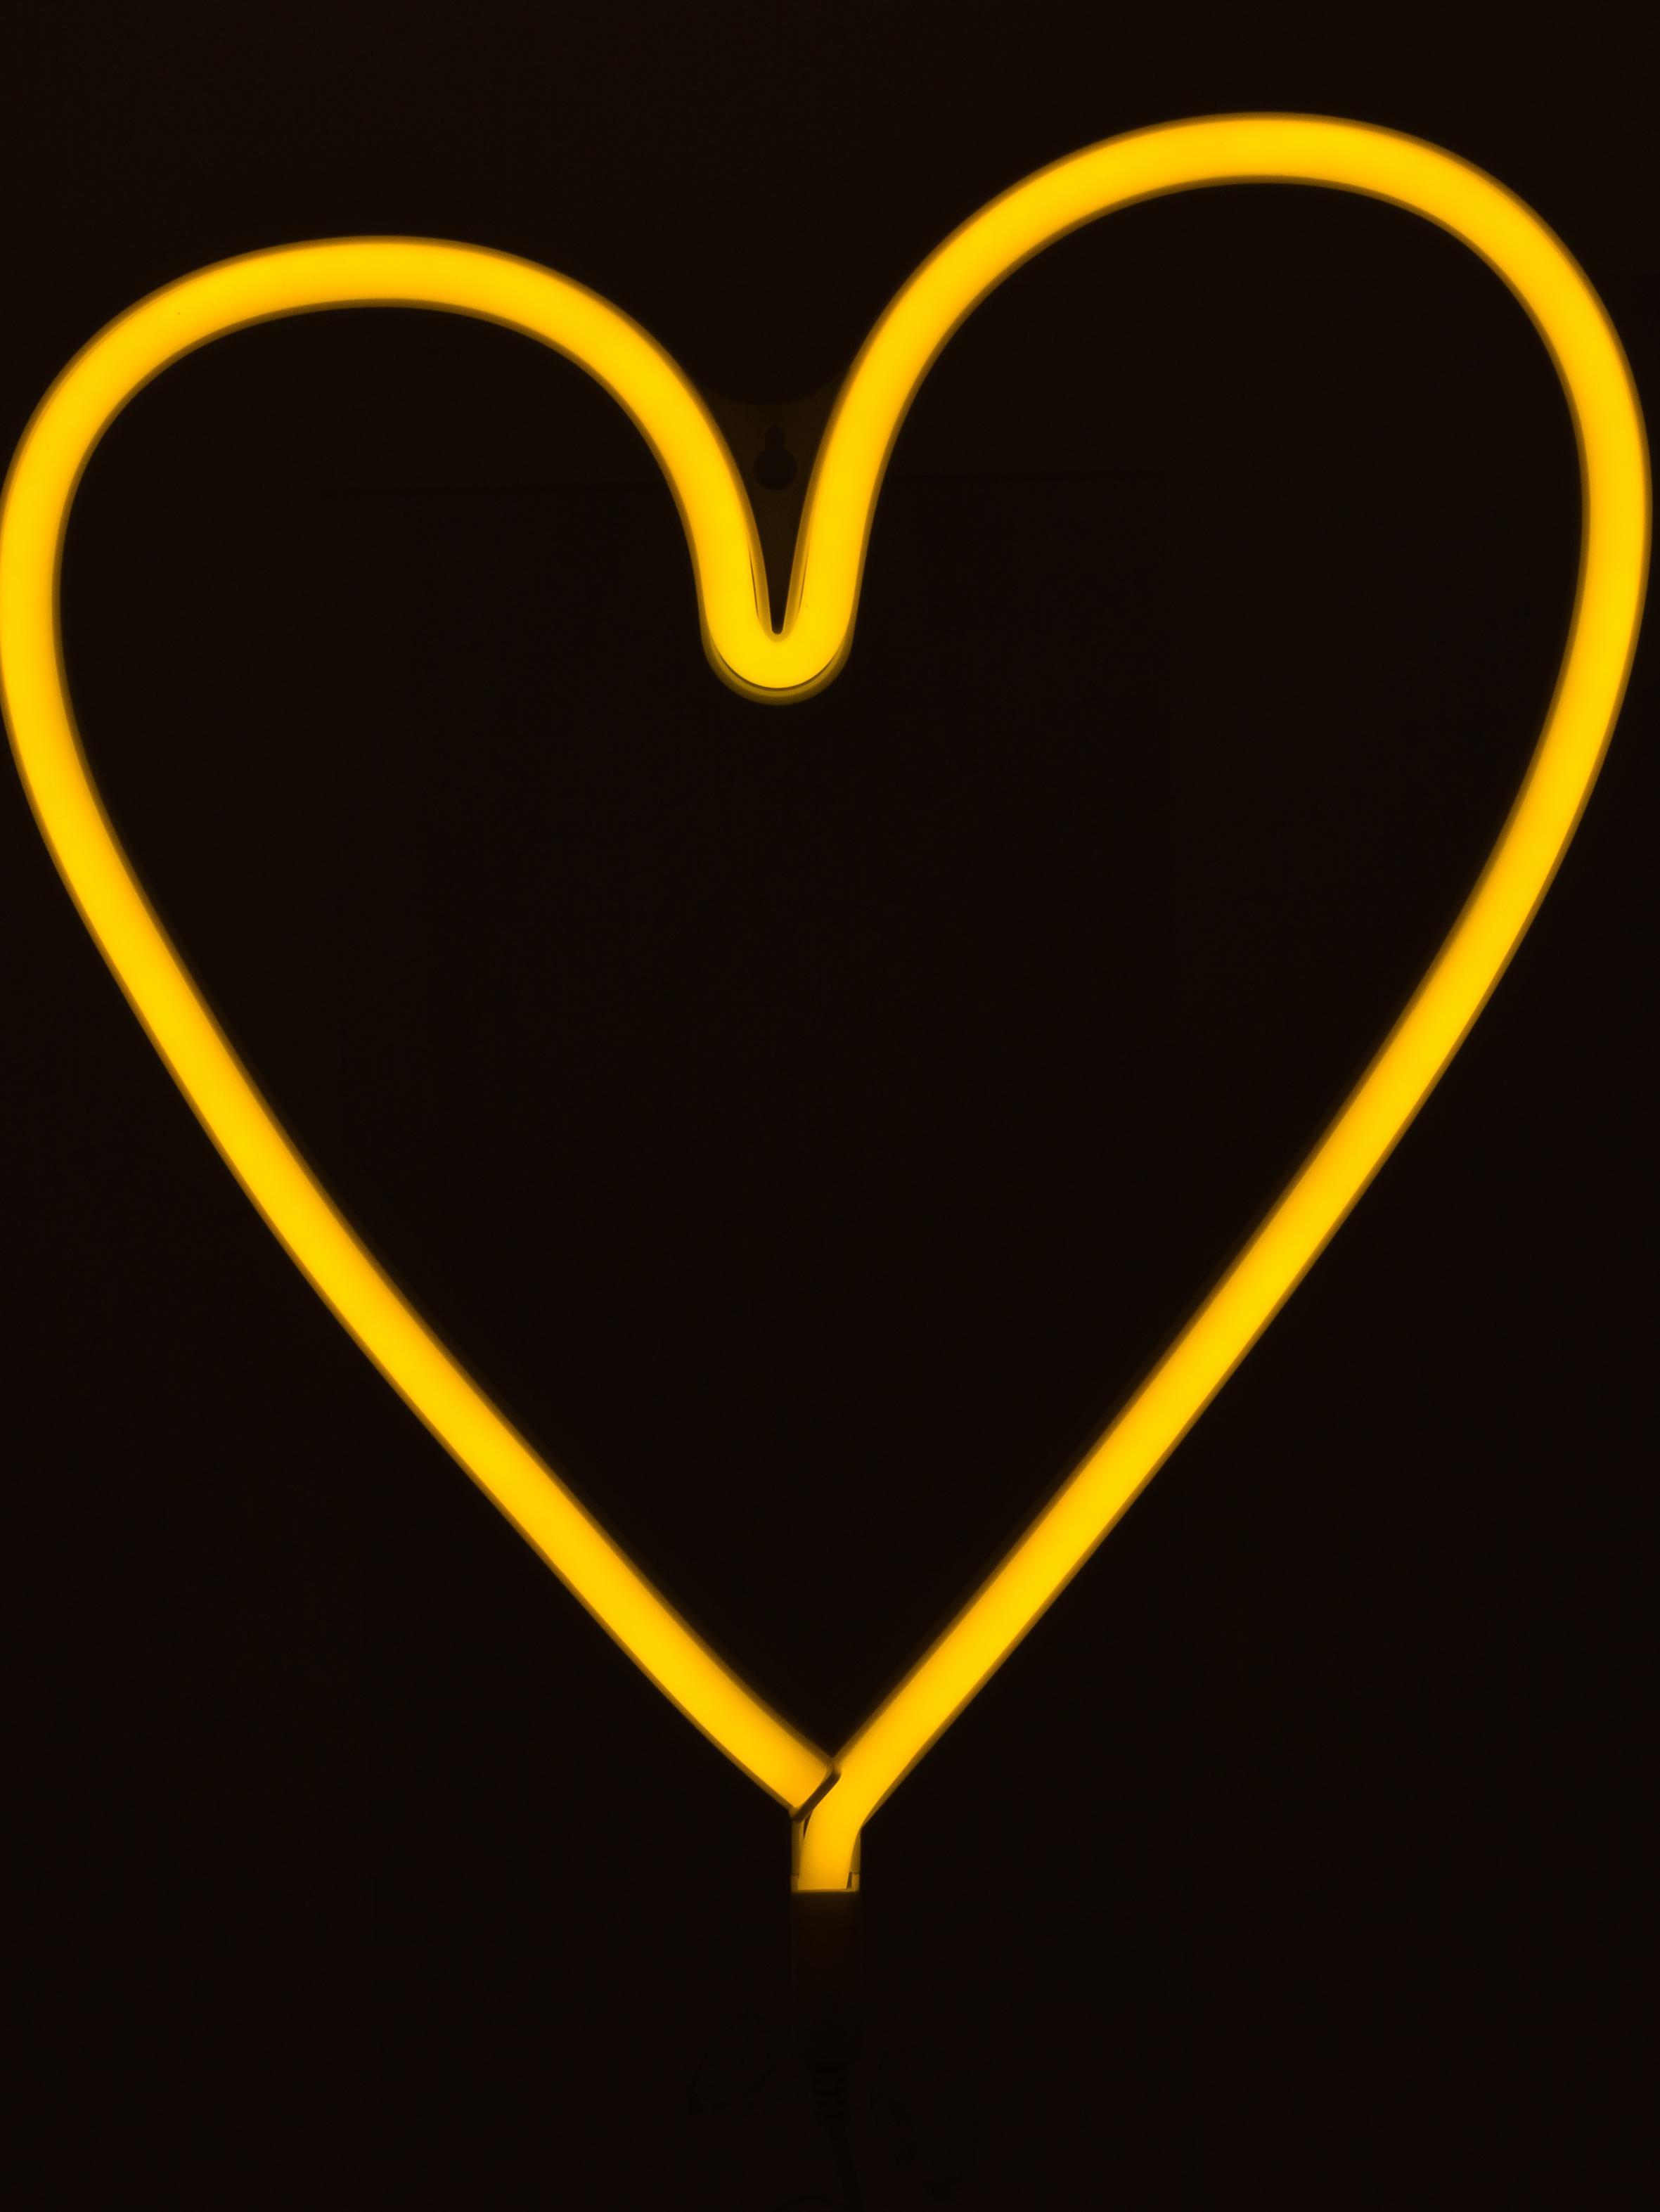 Nástěnné svítidlo se zástrčkou Adri, Barva světla: žlutá Je-li lampa vypnutá, má bílou barvu